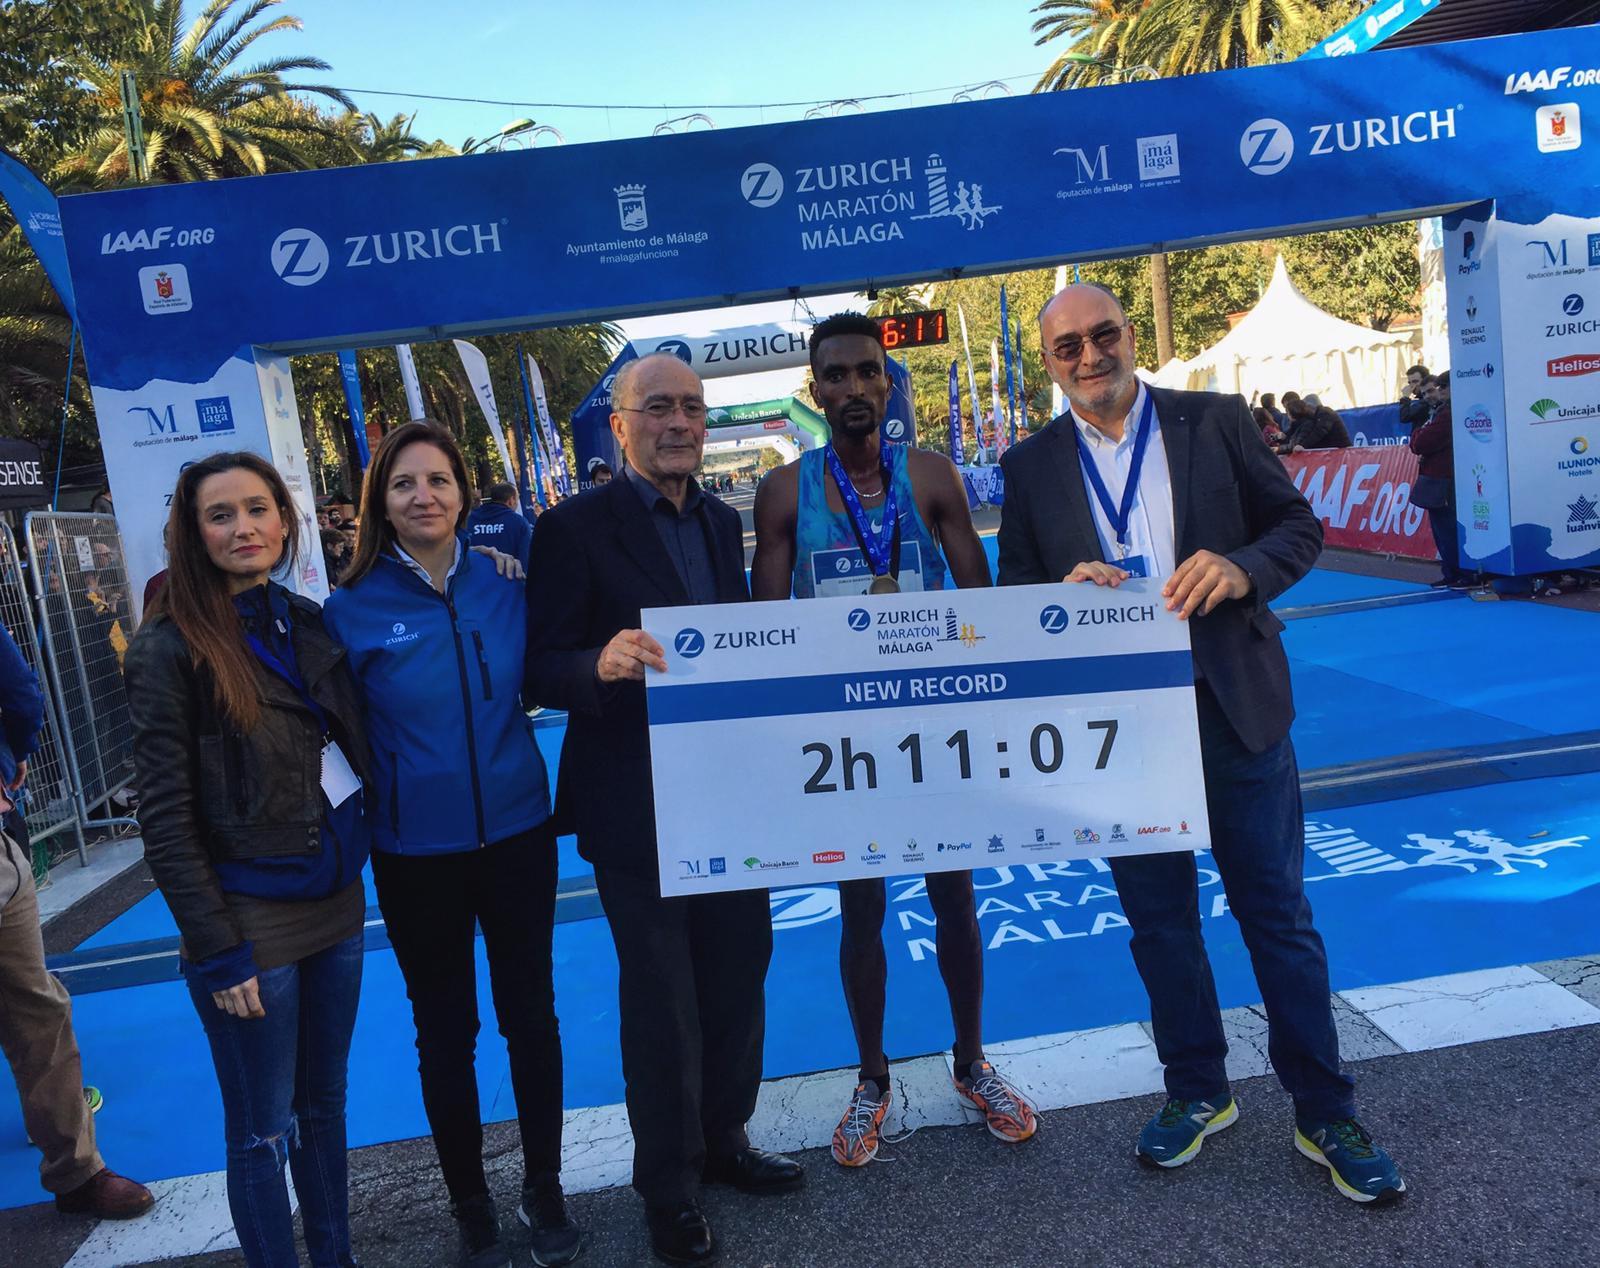 Nuevo récord en el Zurich Maratón de Malaga